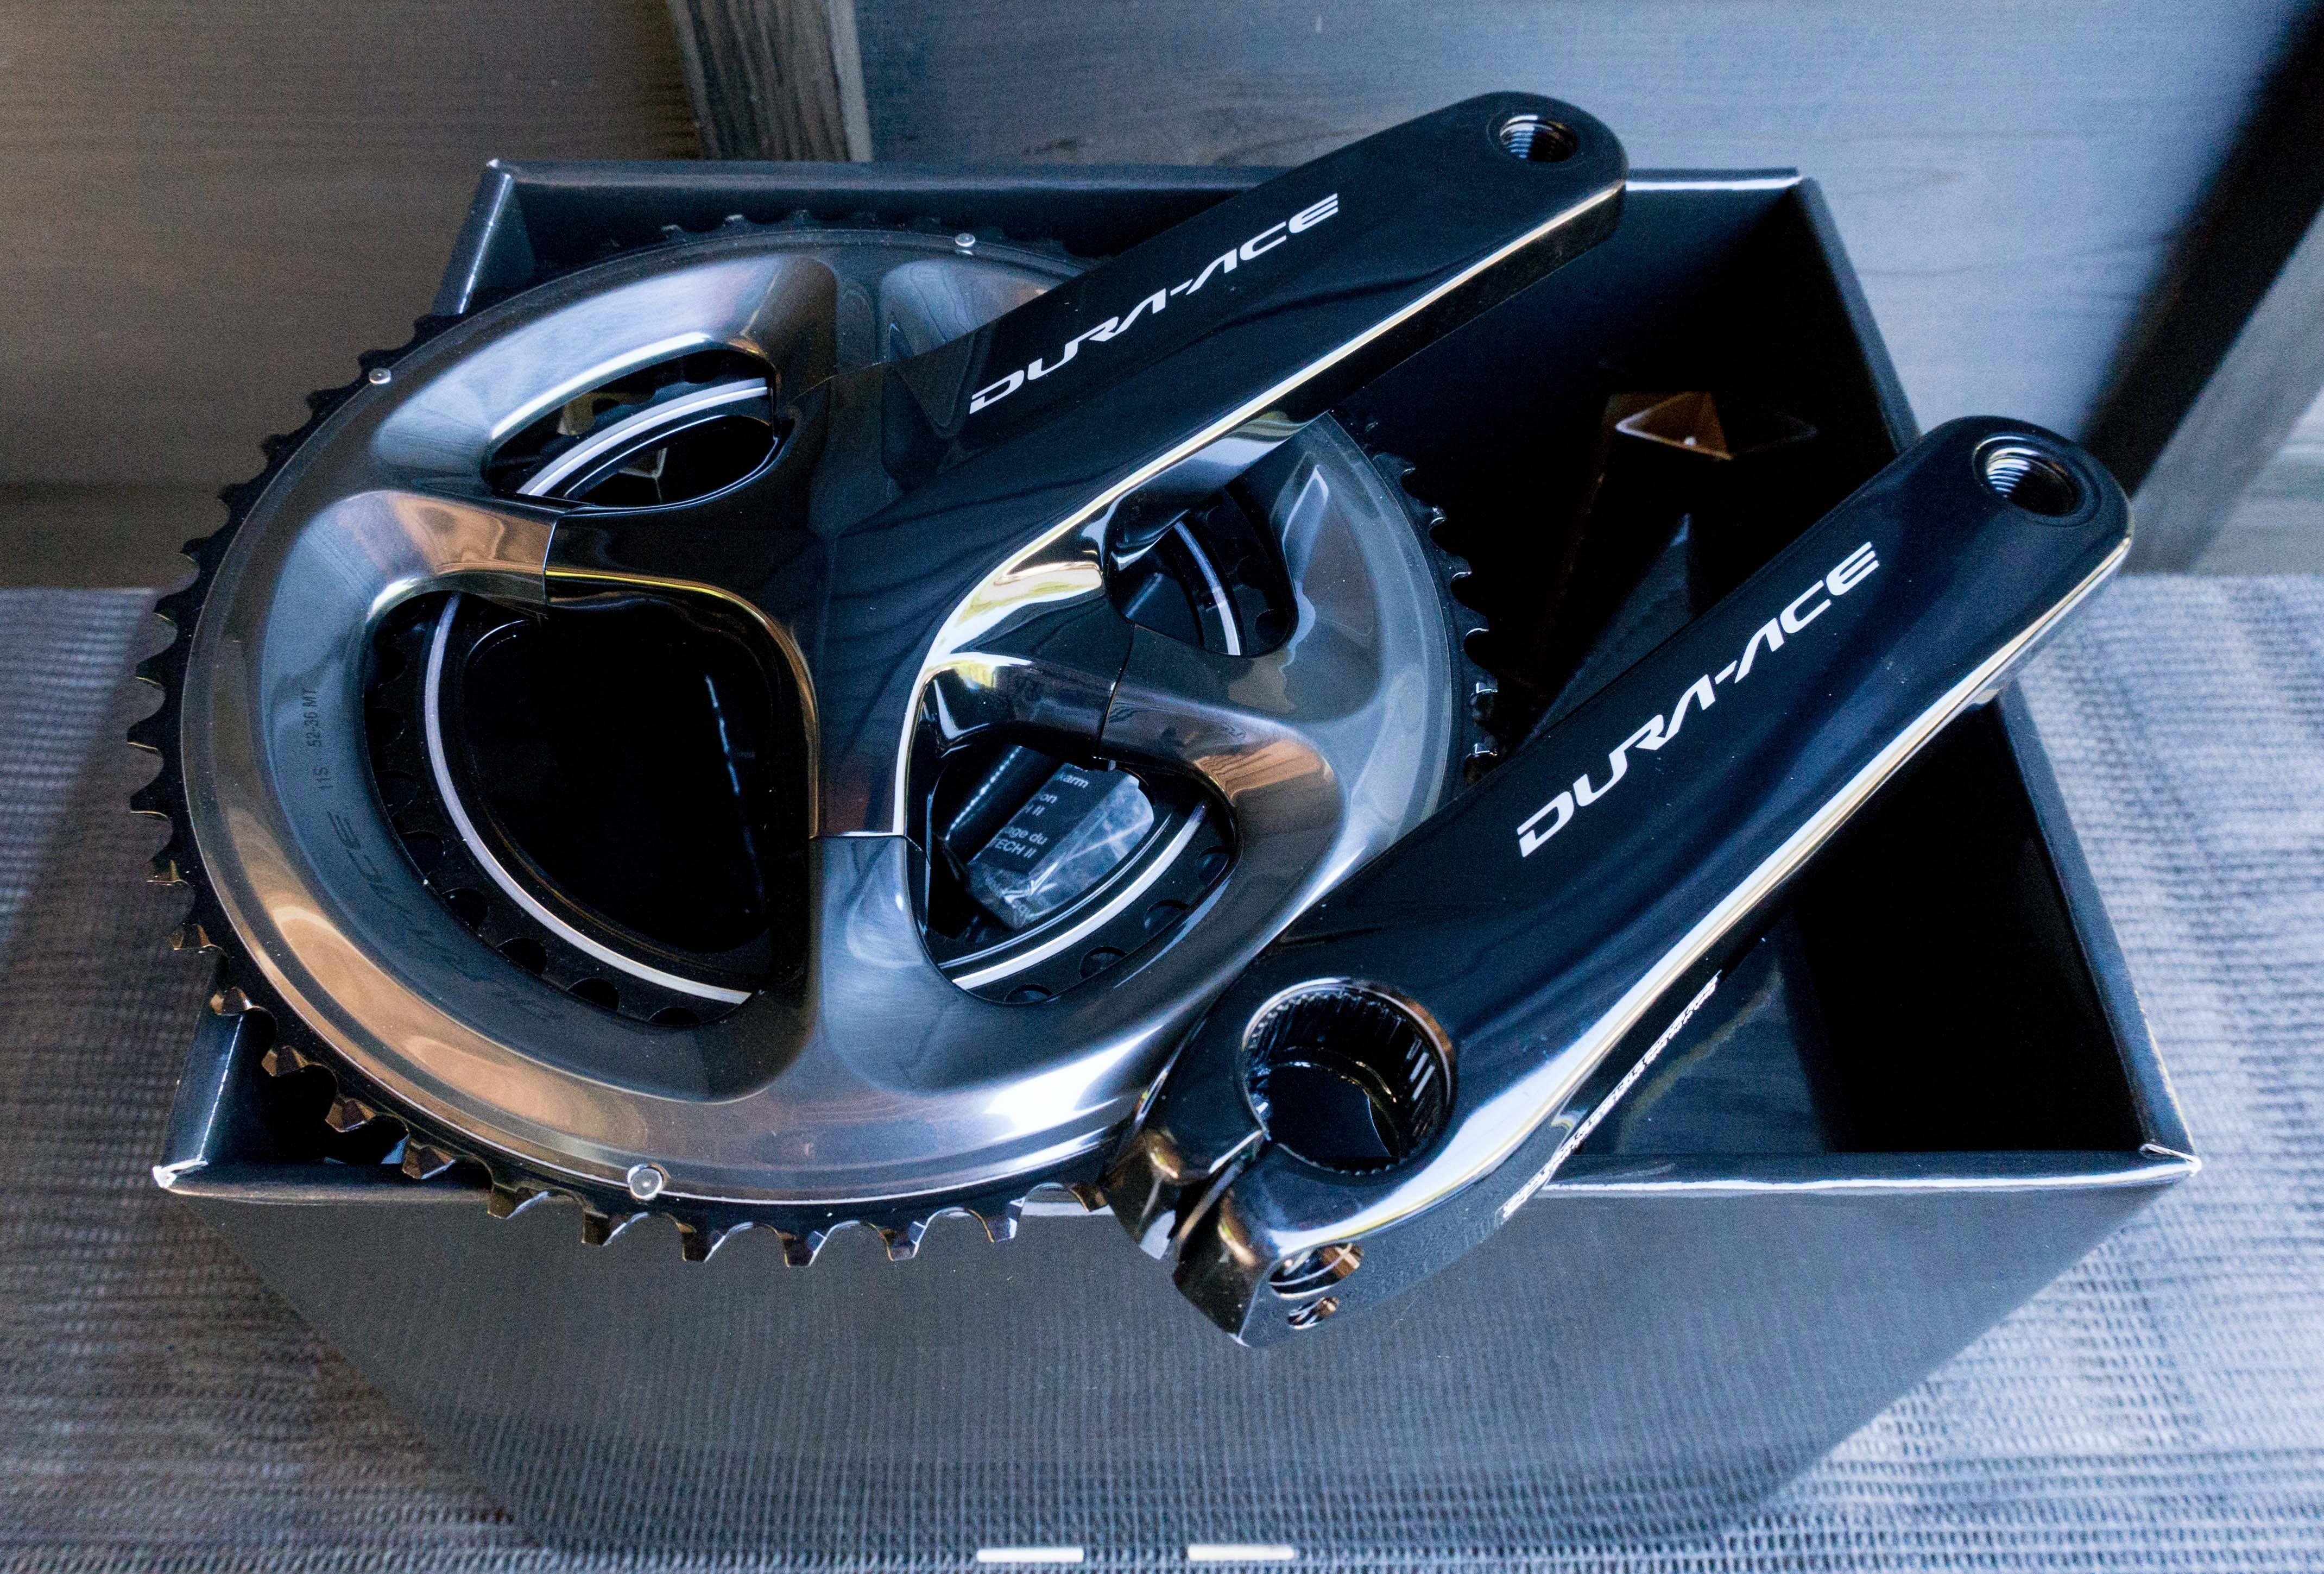 自転車のクランクを箱から取り出して並んでいる